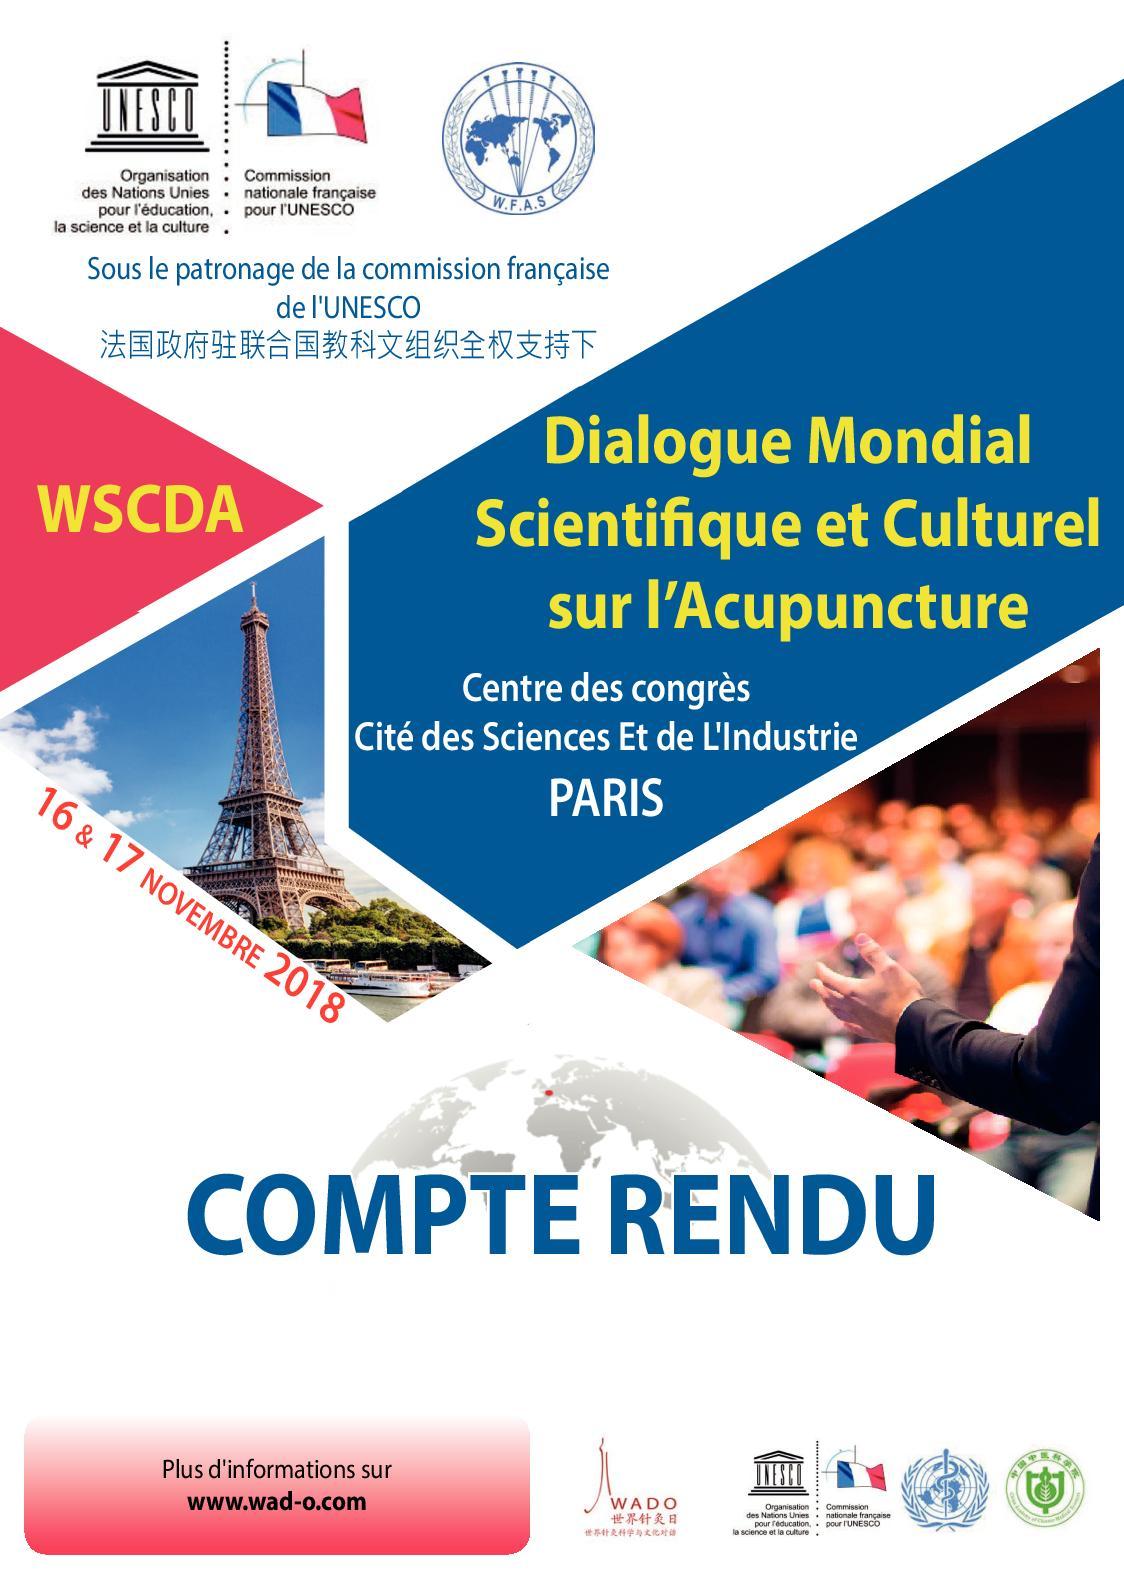 Calaméo Le Résumé Conférences Wscda Paris 2018